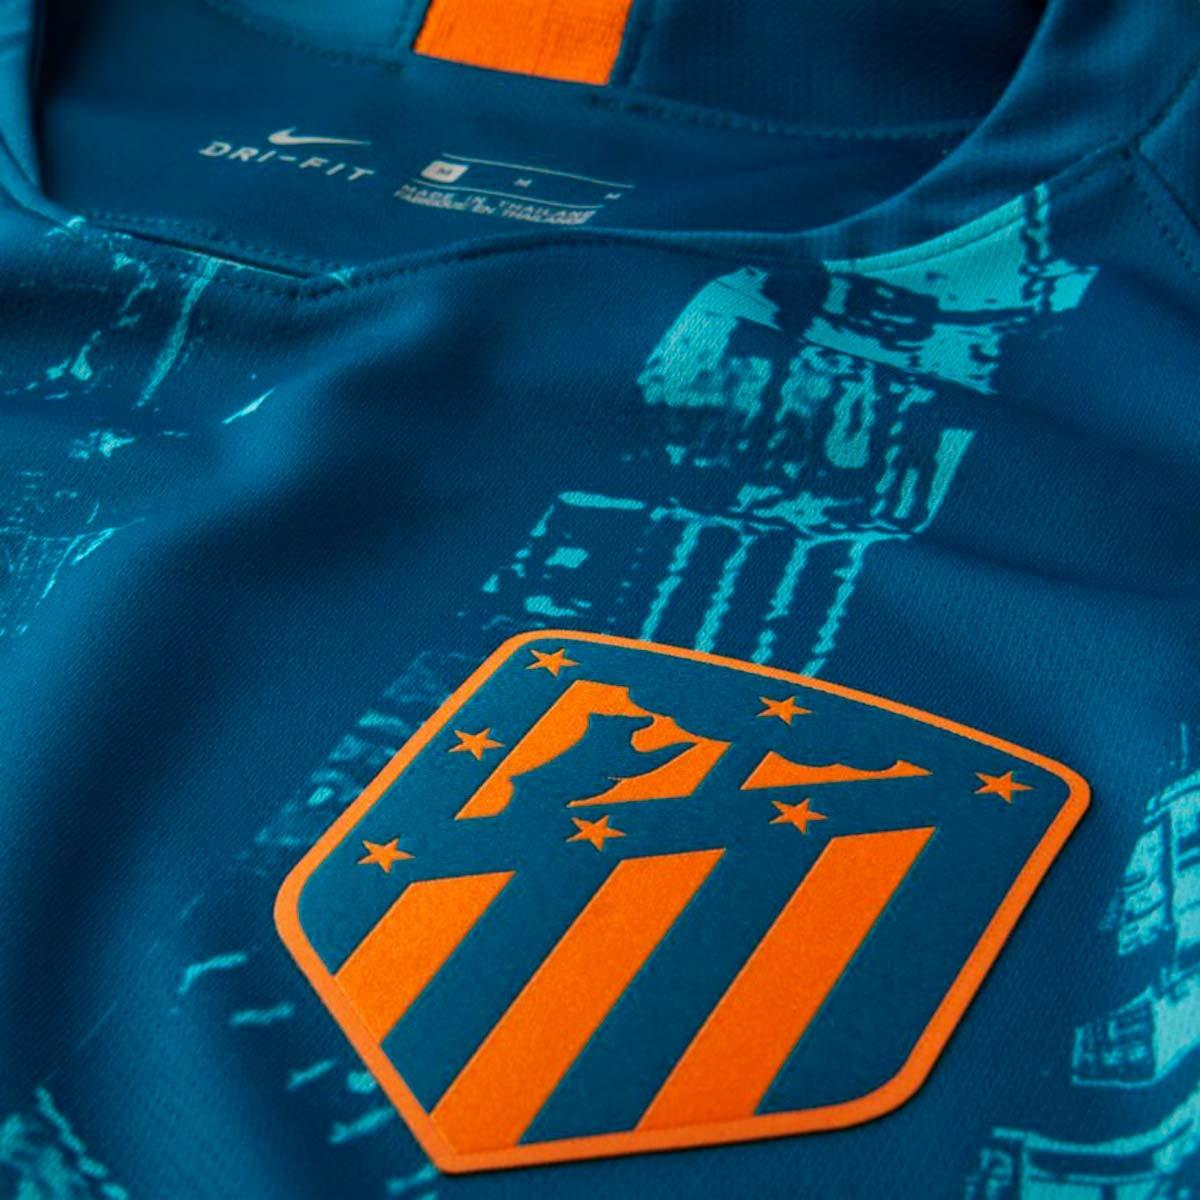 89ab72544bb59 Camiseta Nike Atletico de Madrid Stadium Tercera Equipación 2018-2019 Green  abyss-Orange peel - Tienda de fútbol Fútbol Emotion